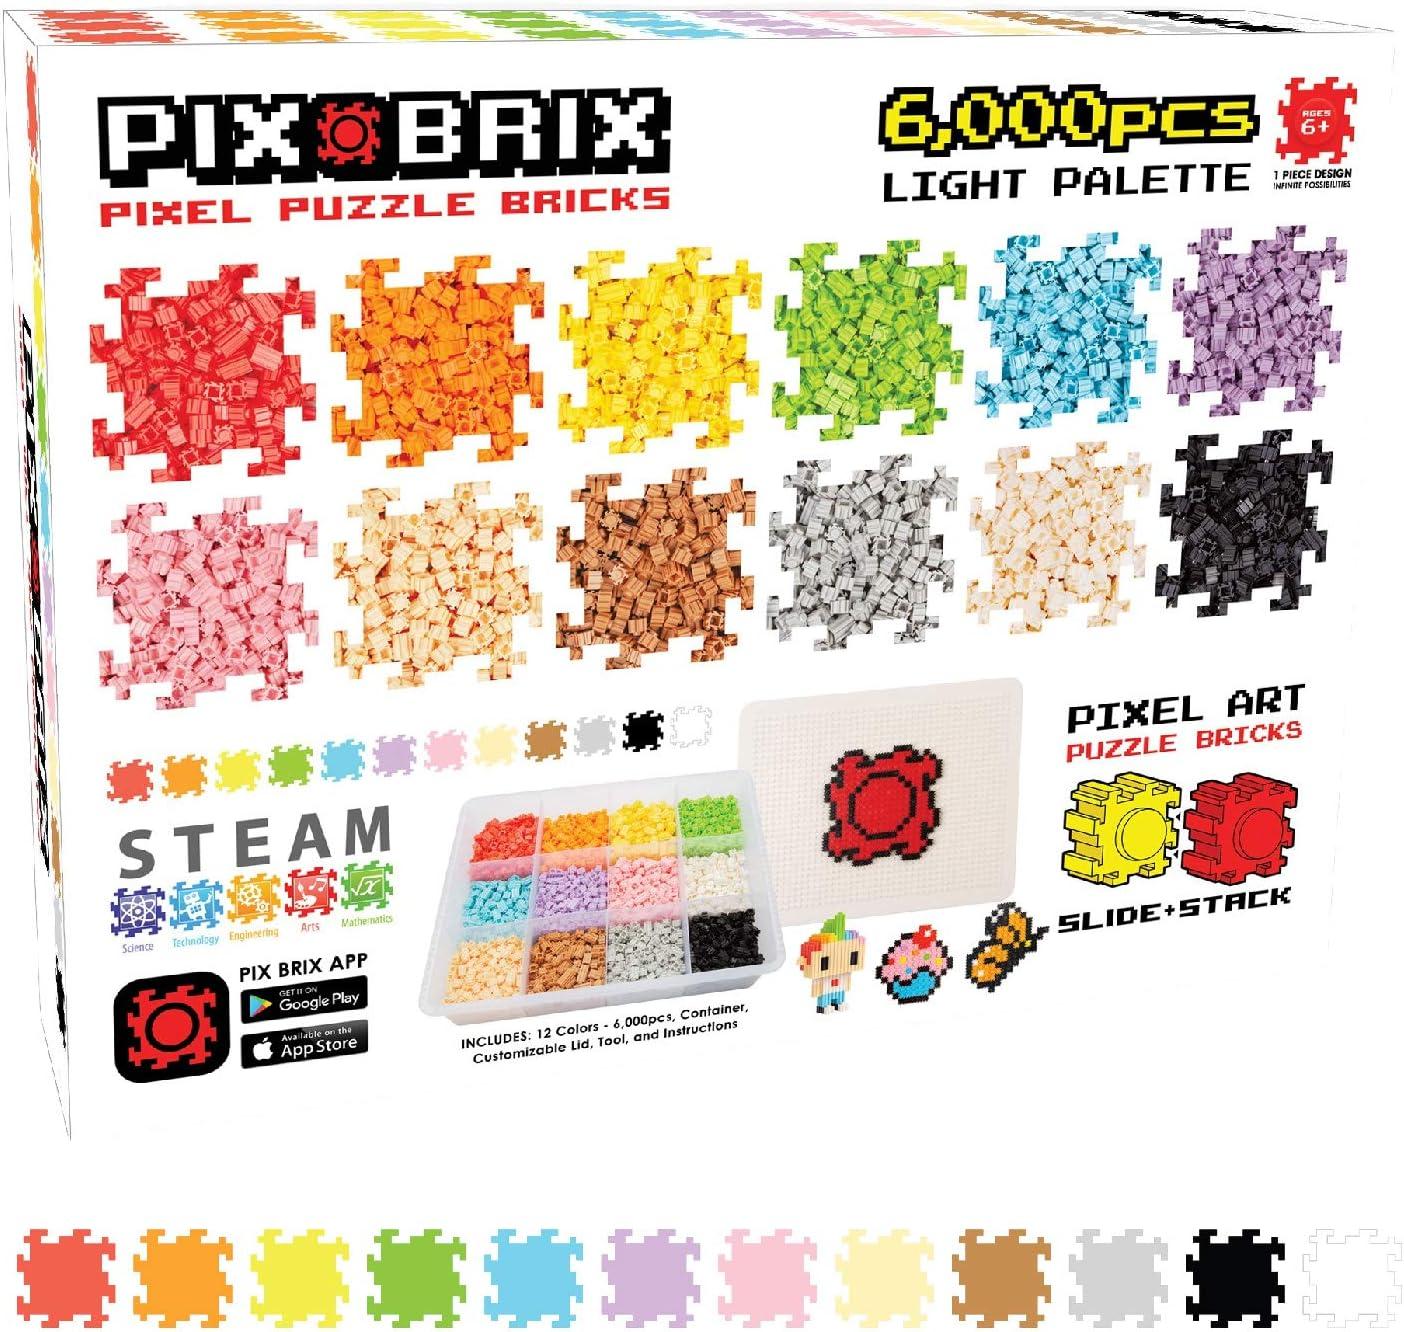 Amazon Com Pix Brix Pixel Art Puzzle Bricks 6 000 Piece Pixel Art Container 12 Color Light Palette Patented Interlocking Building Bricks Create 2d And 3d Builds Without Water Iron Glue